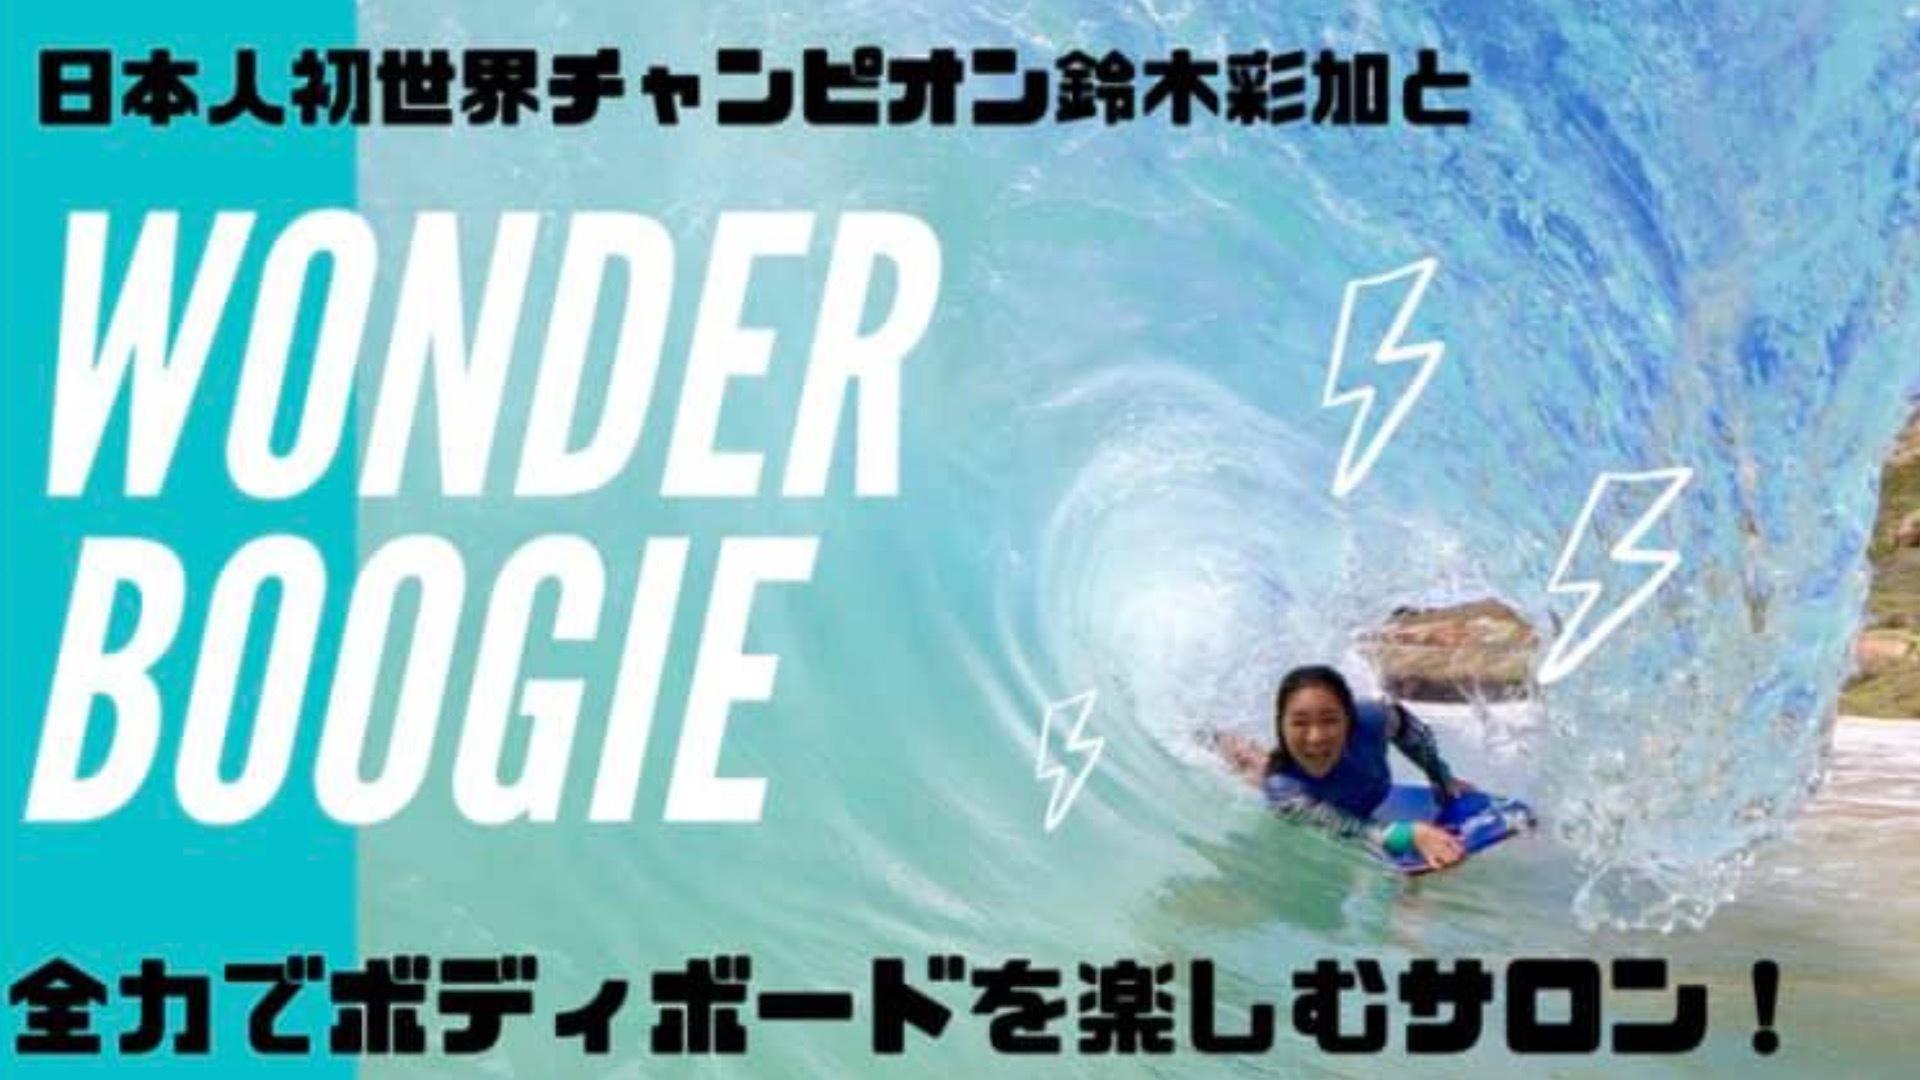 Wonder Boogie-全力でボディボードを楽しむサロン-